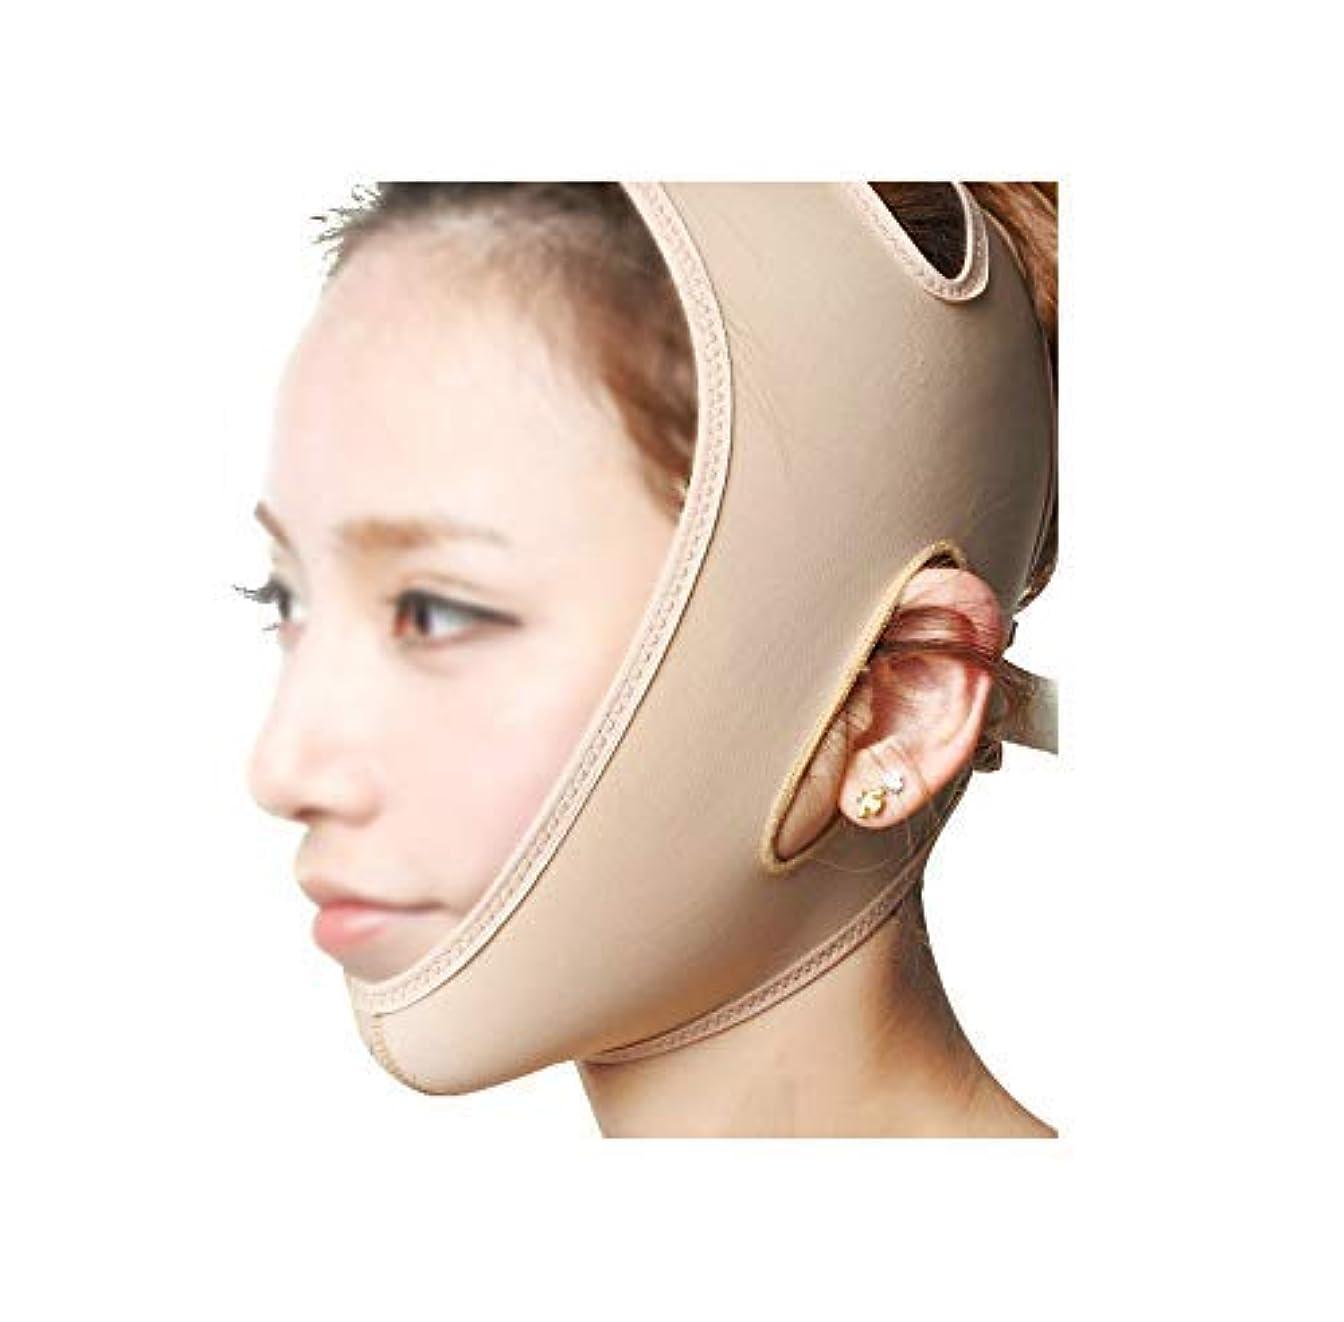 スキームカウント検査フェイスリフティングバンデージVフェイスインスツルメントフェイスマスクアーティファクトフェイスリフティング引き締めフェイシャルマッサージ通気性肌のトーン(サイズ:xl),M